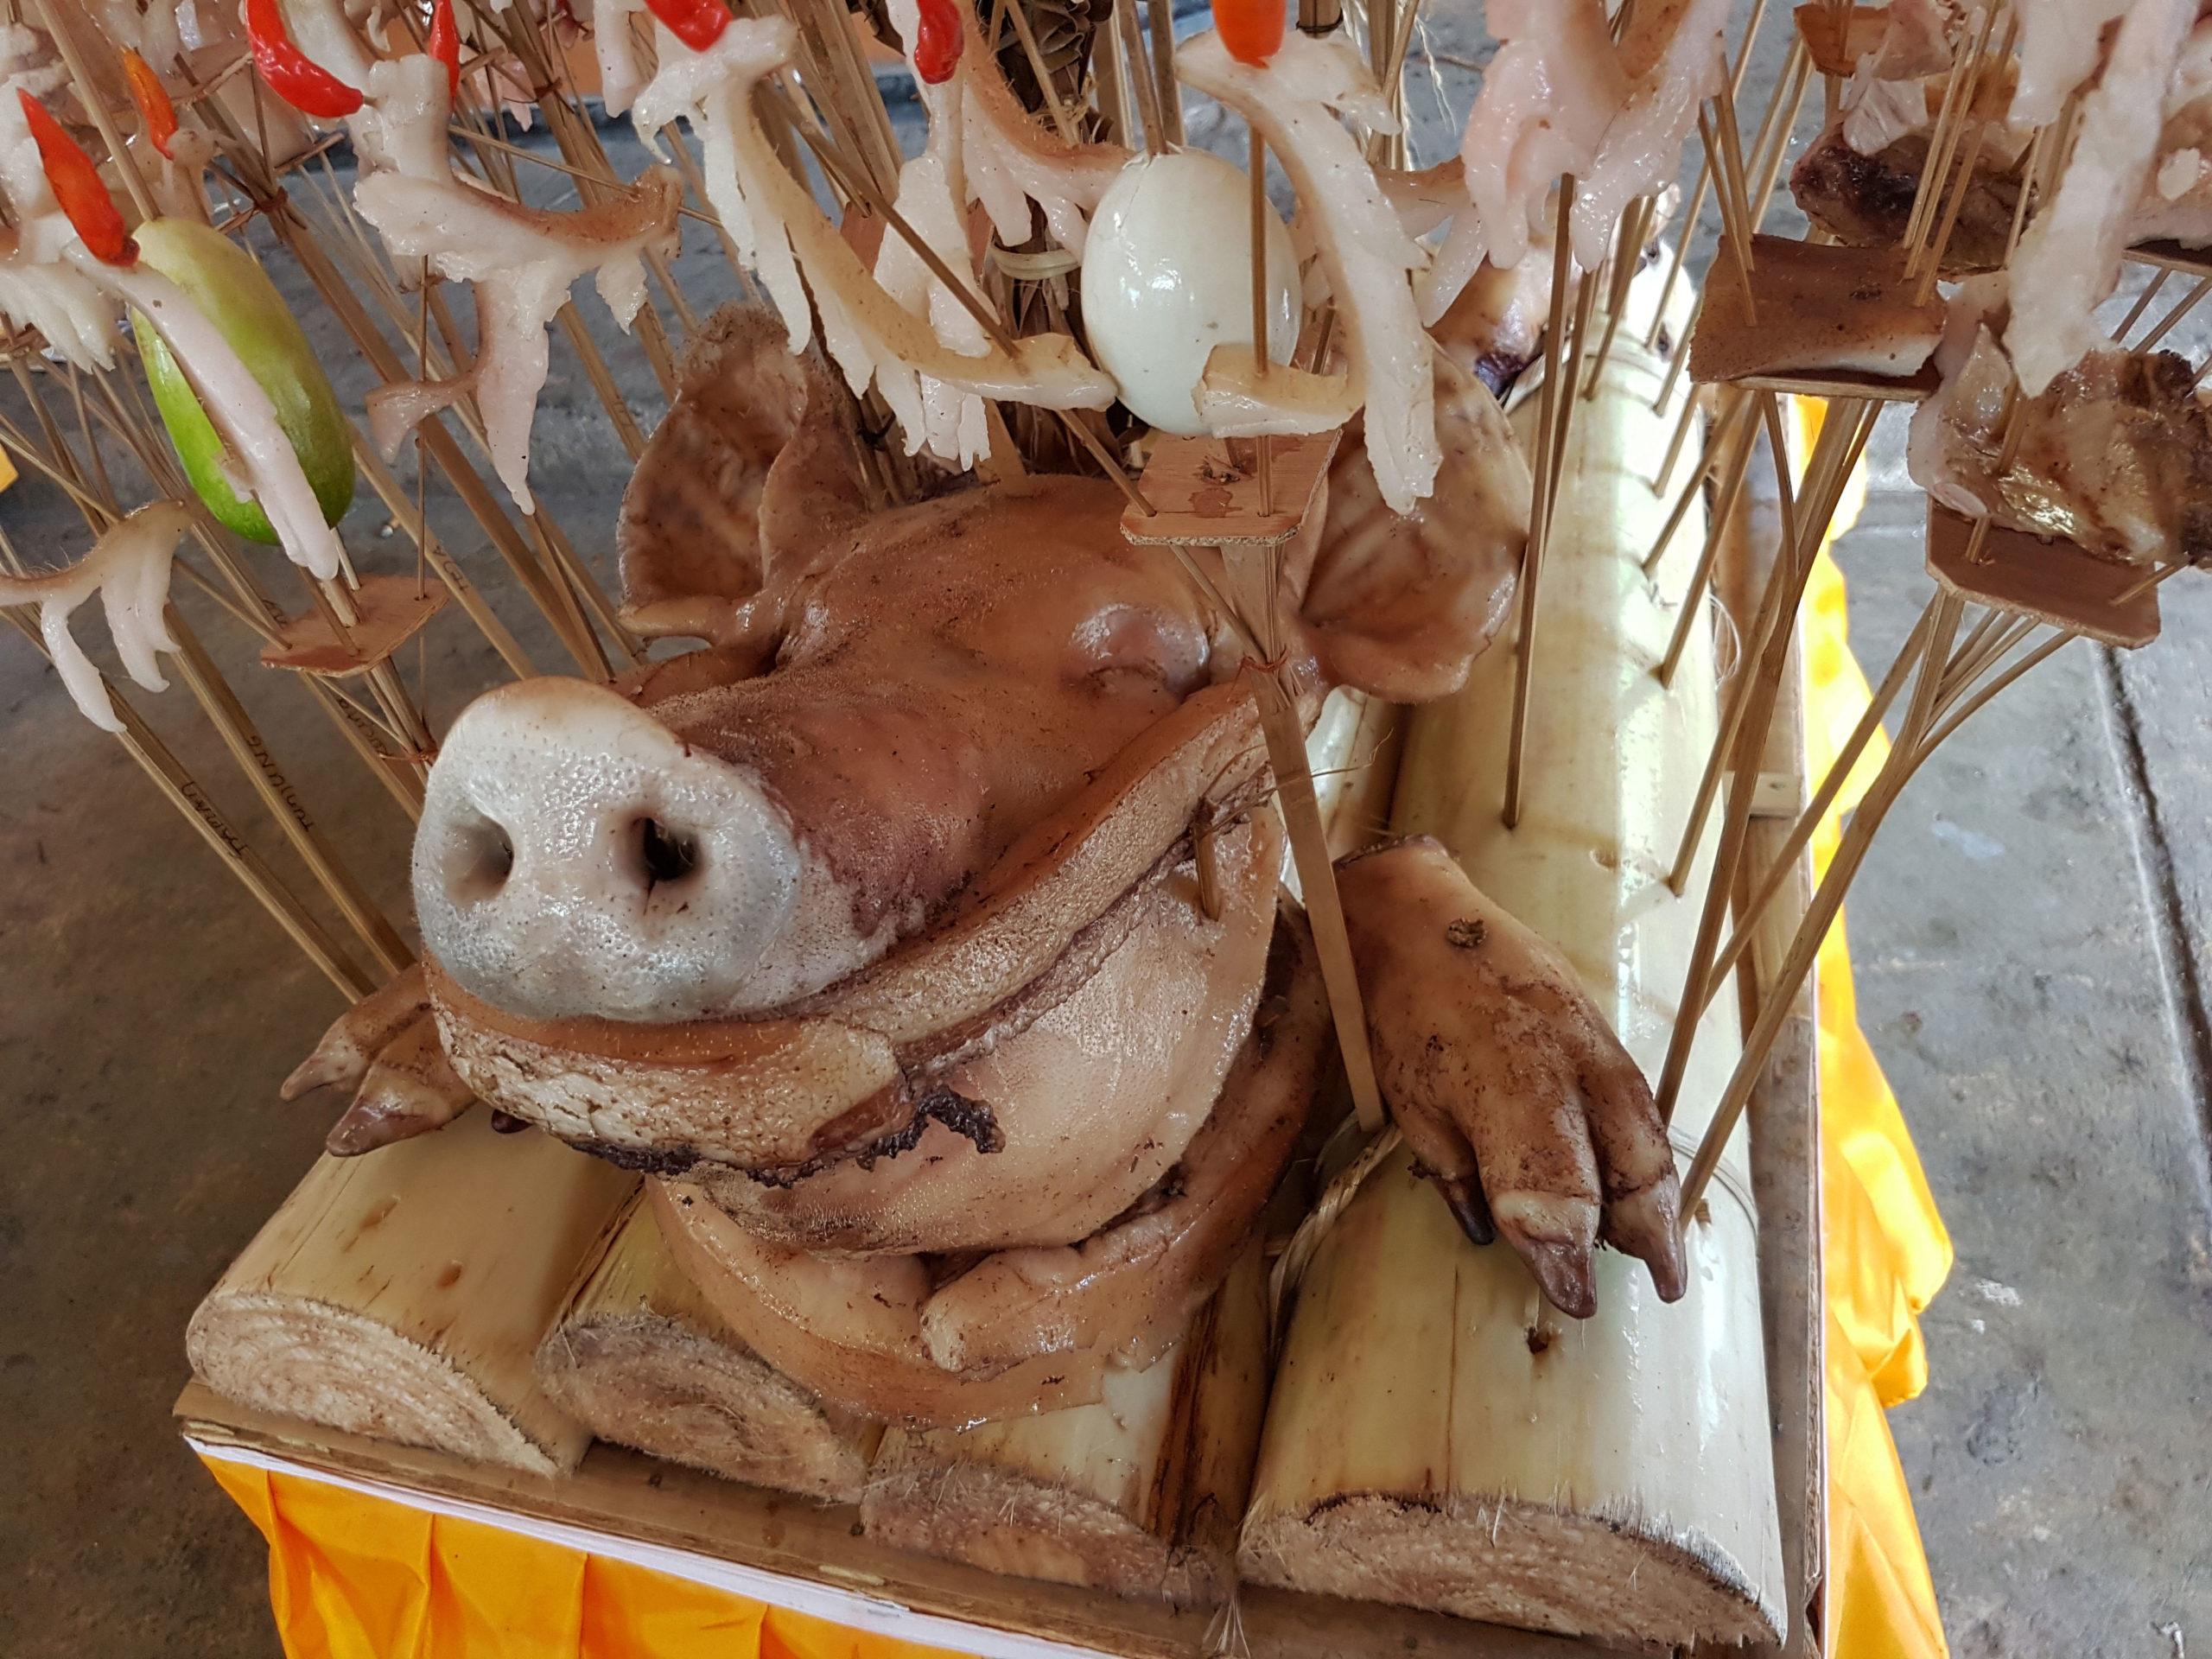 Offrandes tête de cochon Bali - Les Cro'coeurs Blog voyage